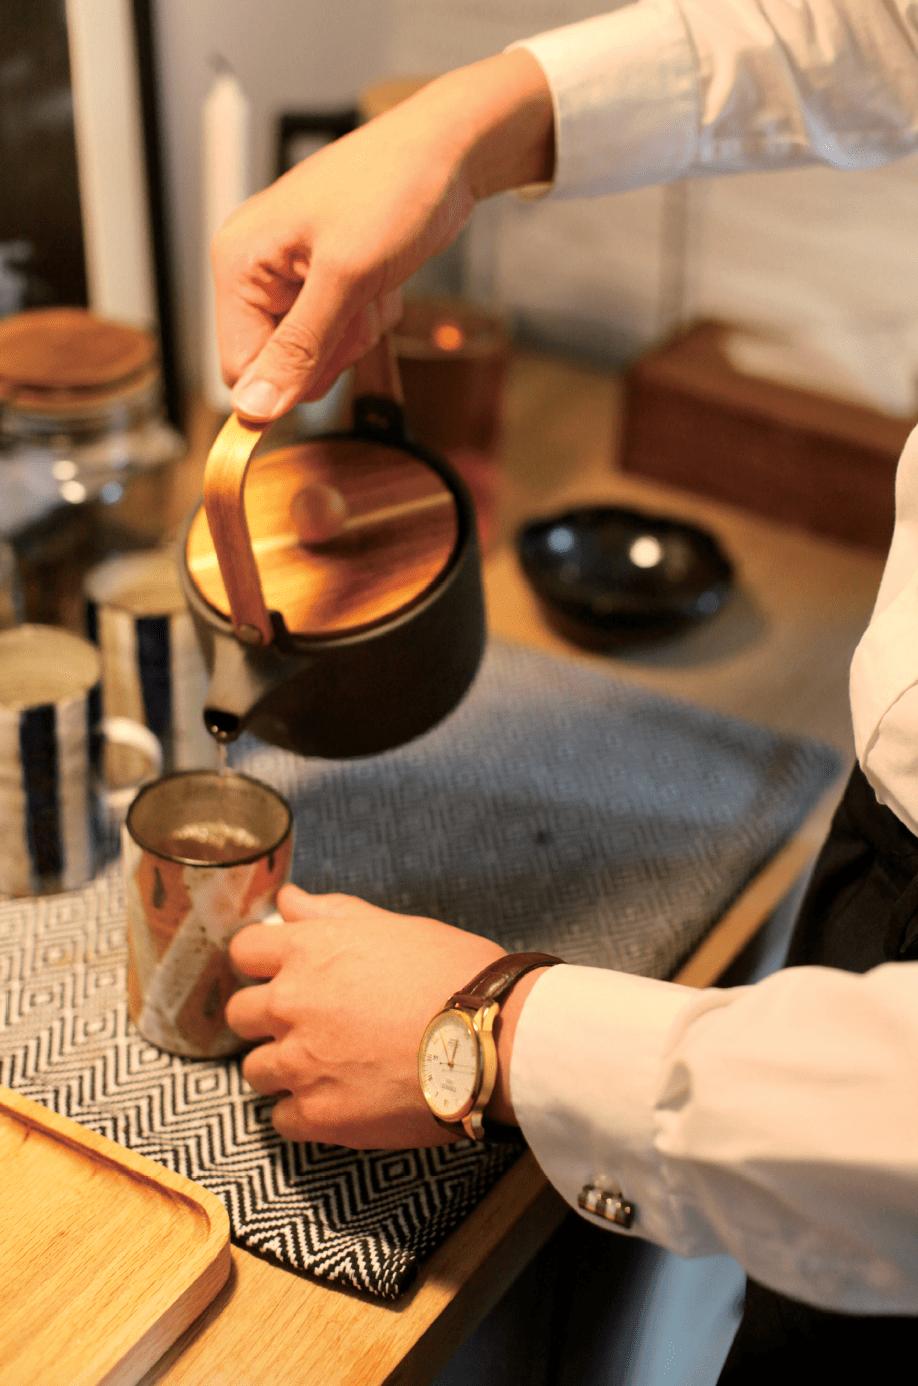 中国饮茶文化,如何走向全球便利化?